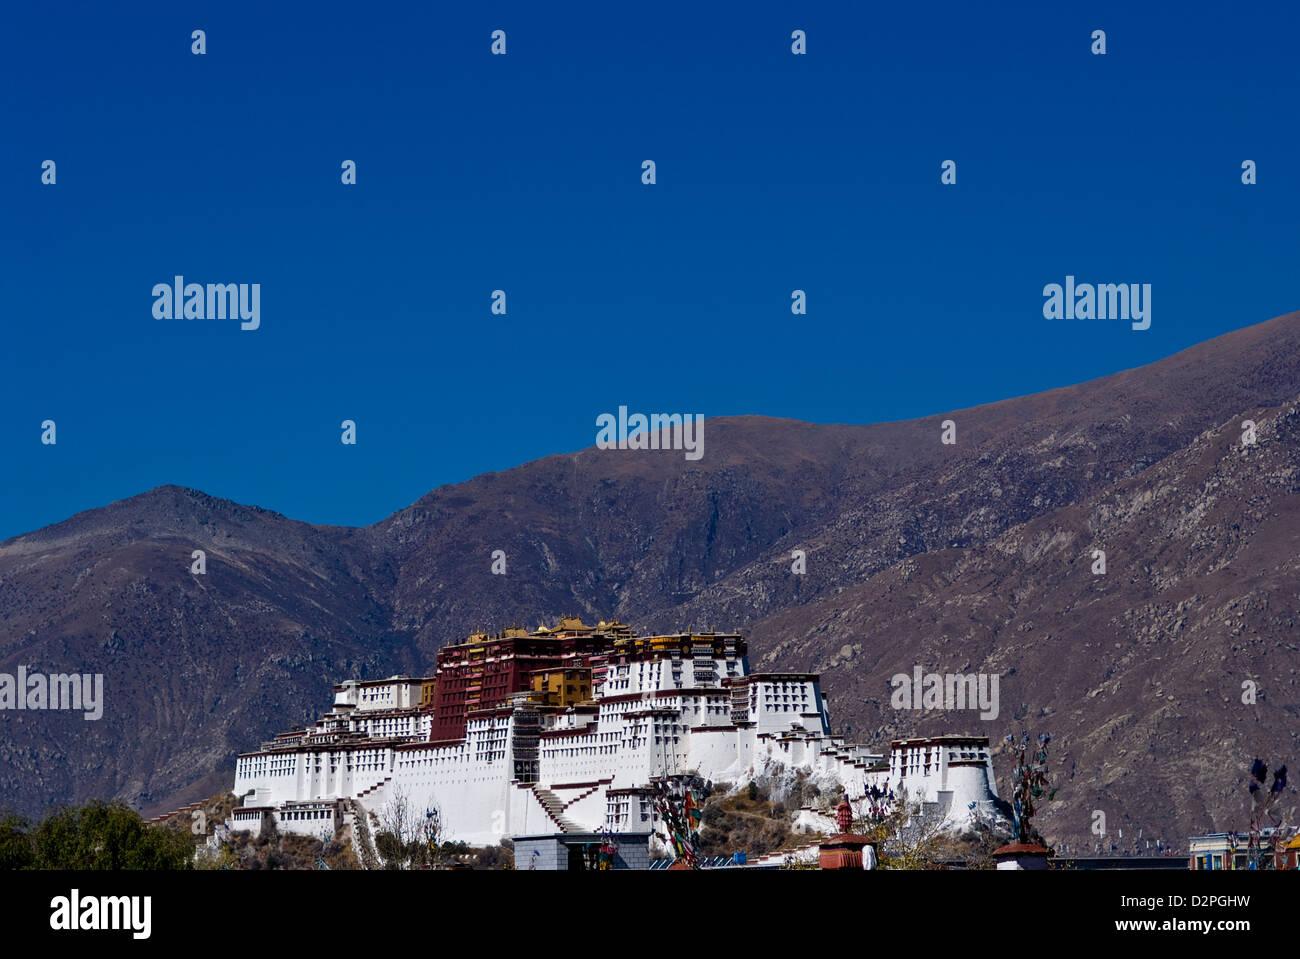 the potala palace, lhasa, tibet - Stock Image